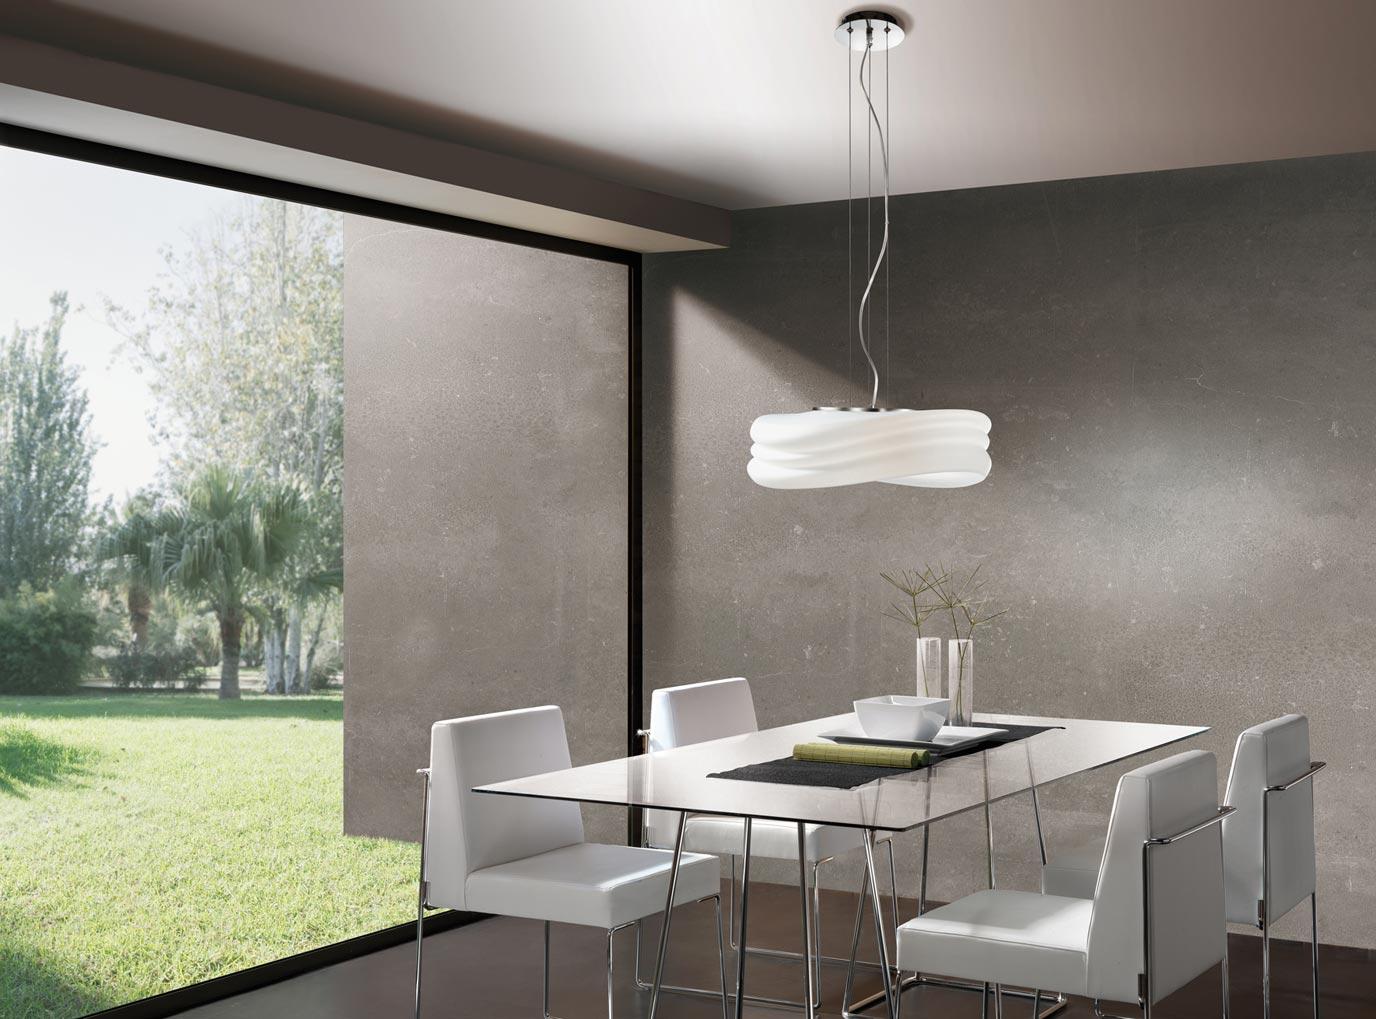 L mpara colgante grande mediterraneo cromo cristal opal 3 luces - Ultimas tendencias en cortinas ...